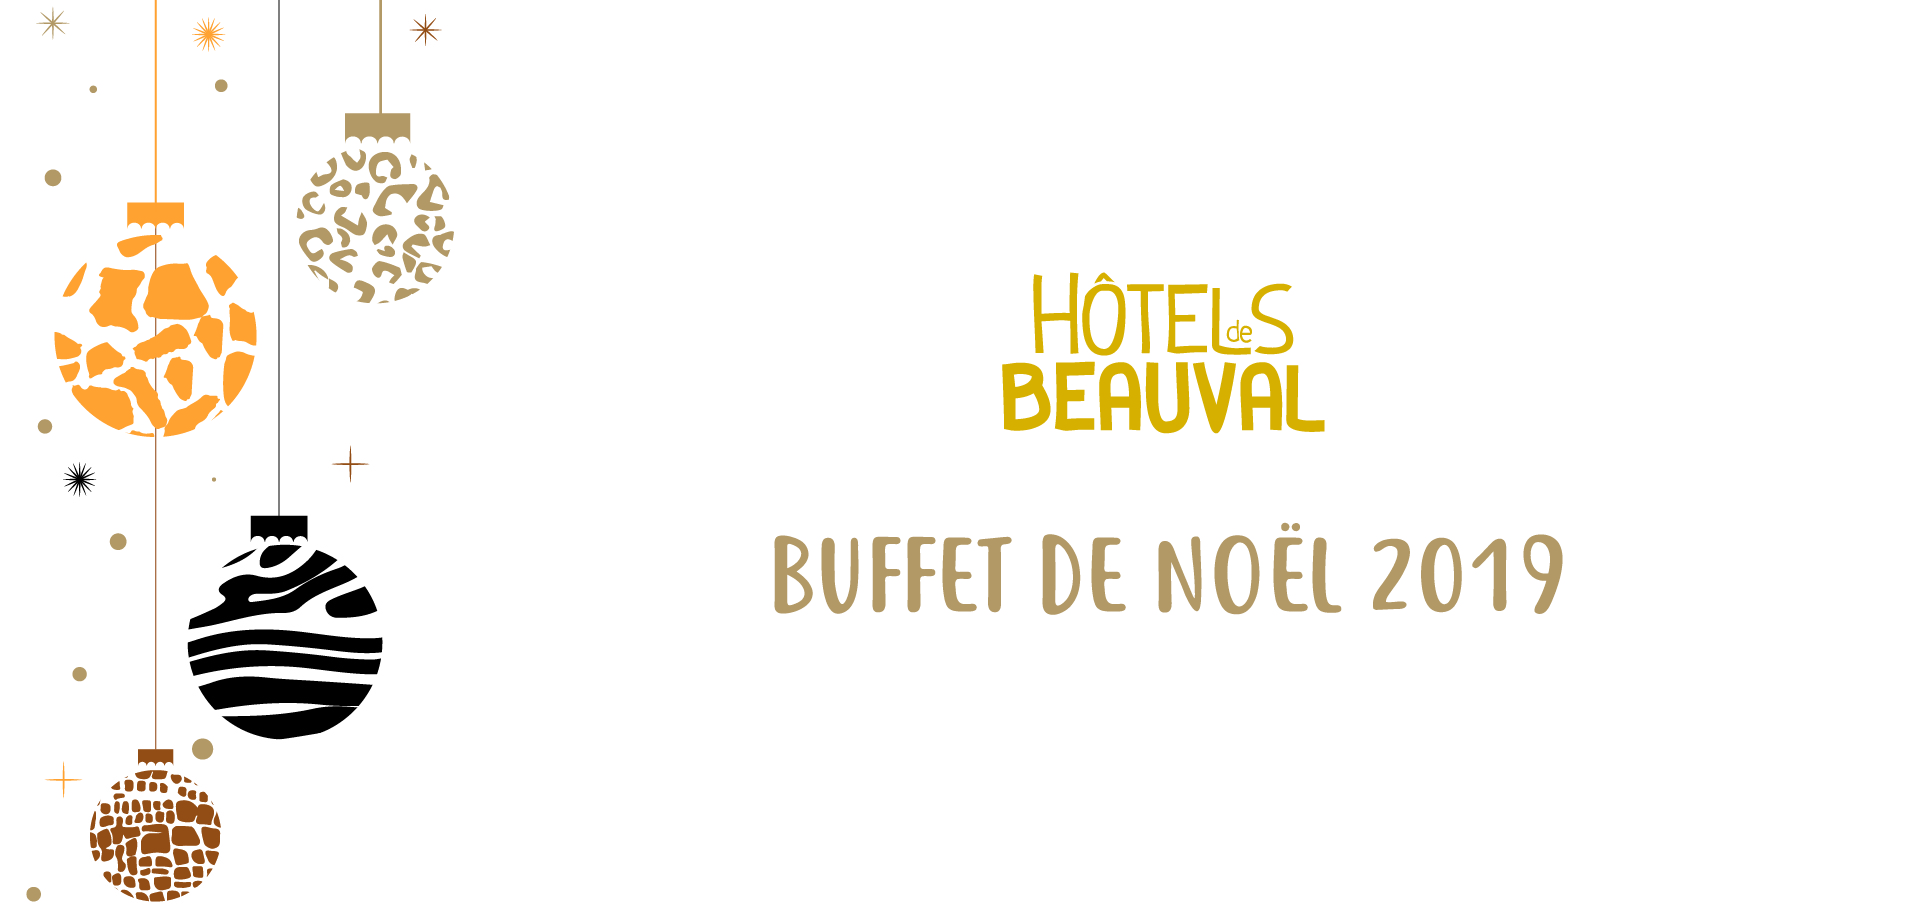 Savourez le buffet de Noël des Hôtels de Beauval !